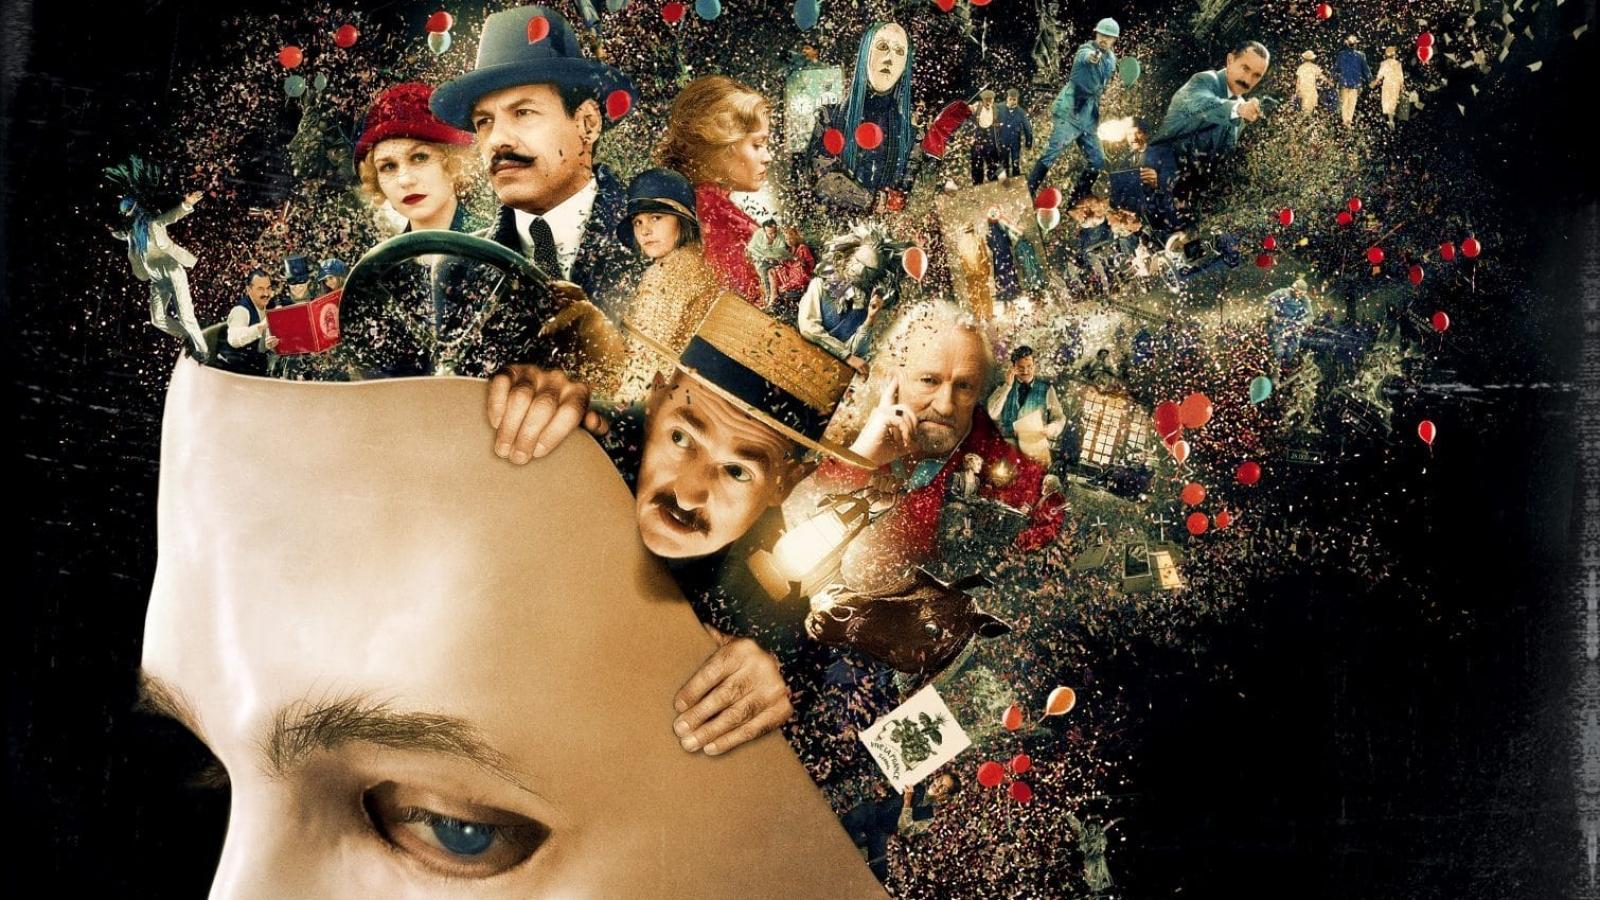 Affiche du film Au revoir là haut avec un masque et quelques personnages comme Dupontel